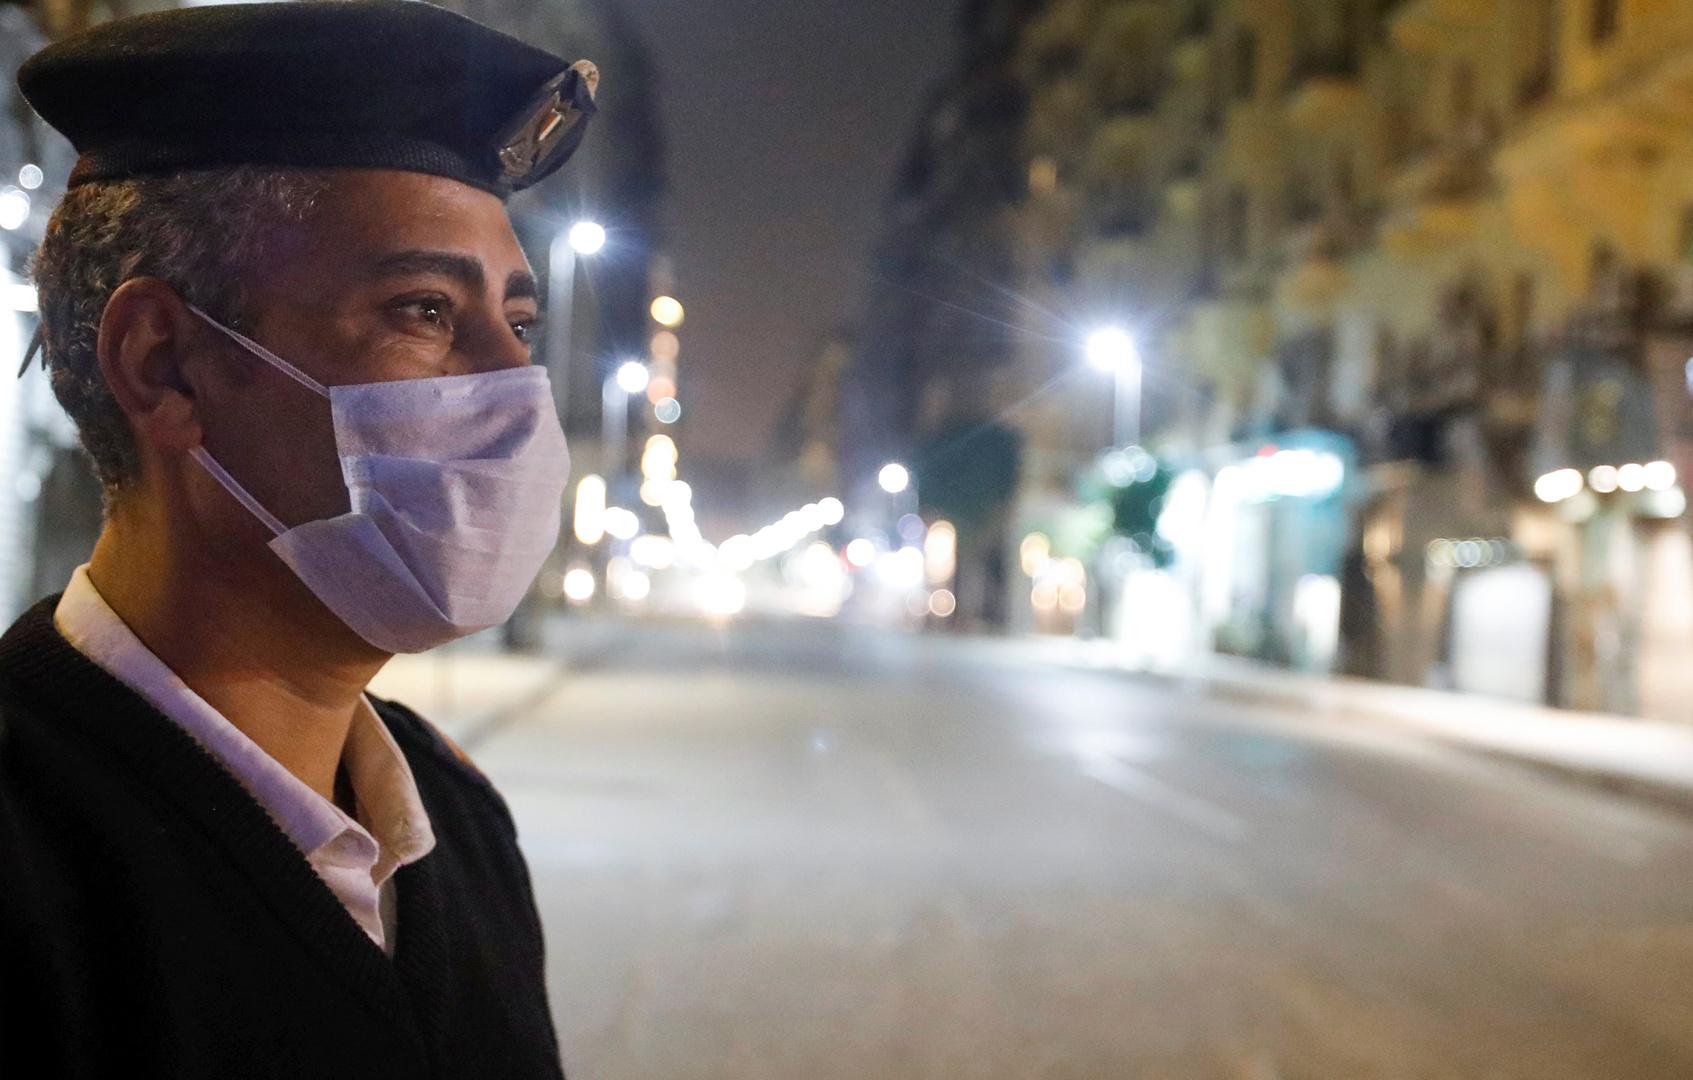 النائب العام في مصر يصدر بيانا هاما بشأن حظر التجول والإعلان عن عقوبات شديدة